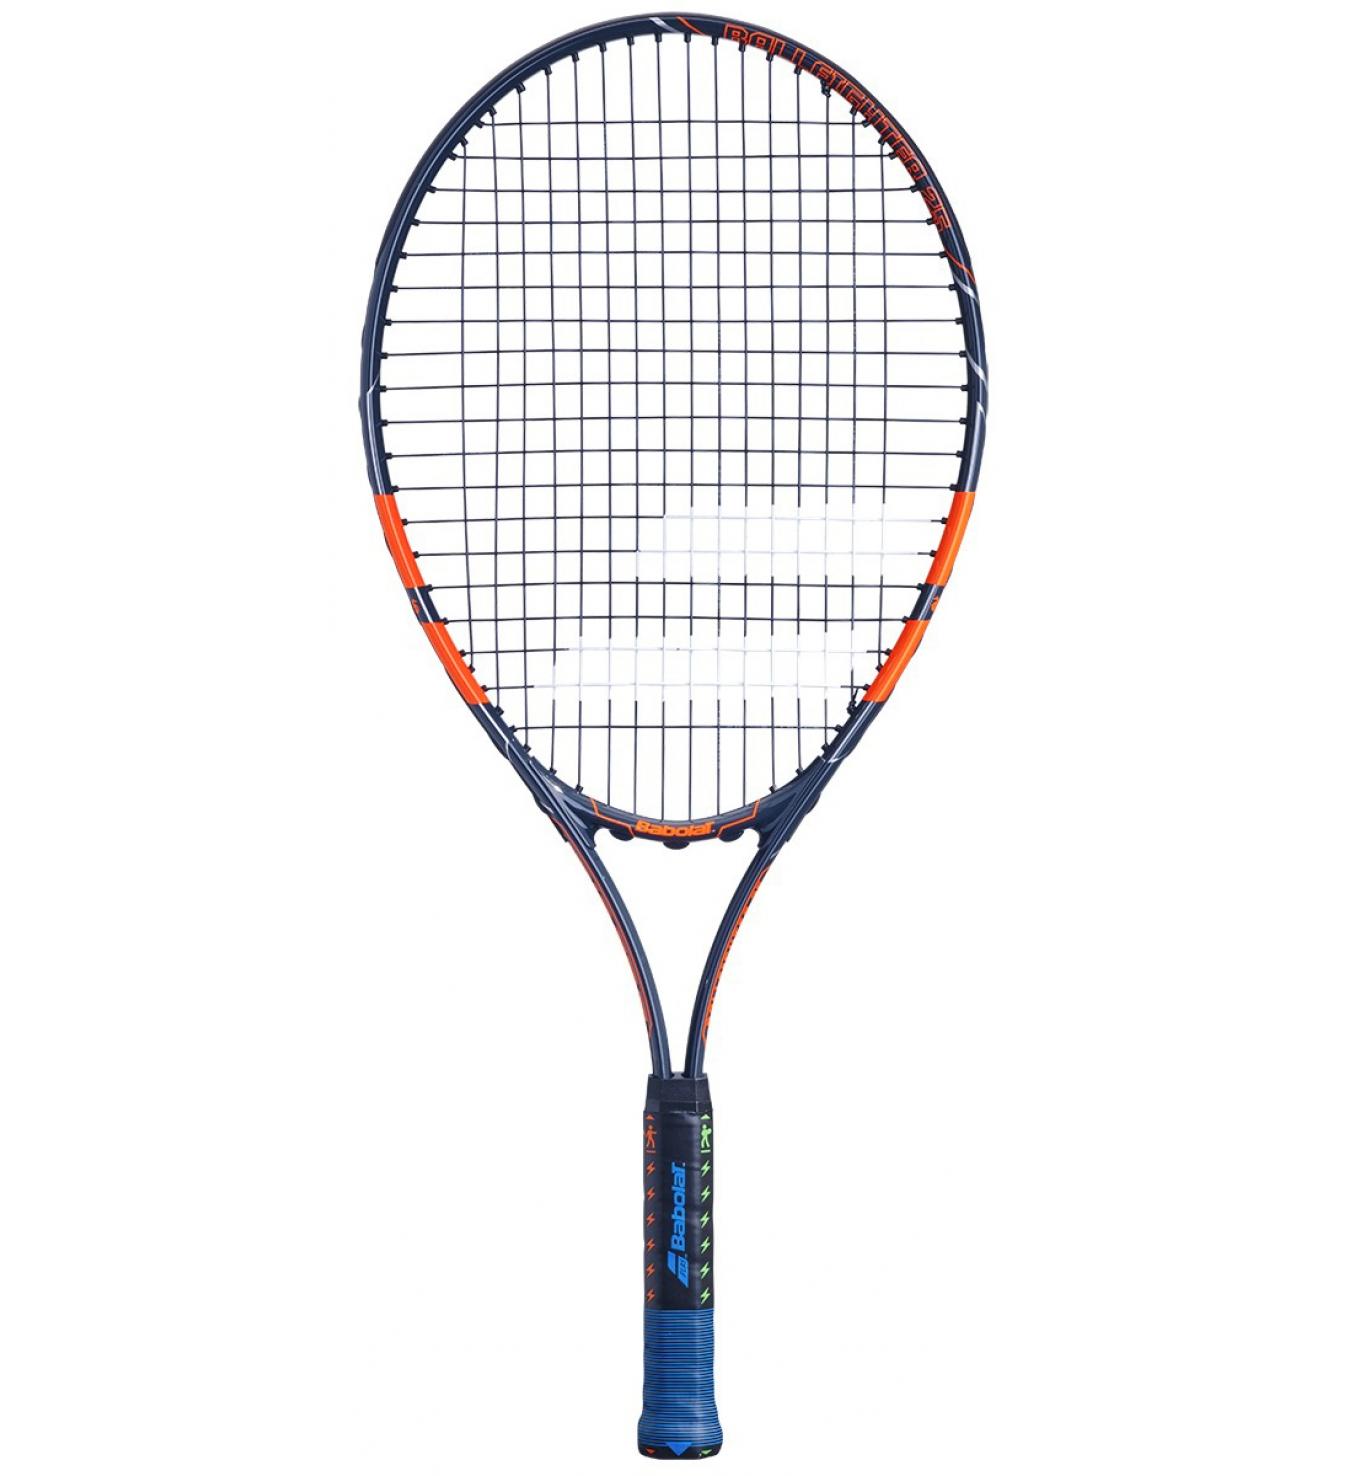 c457418bb70 Babolat BALLFIGHTER 25 2019    Tenis-shop    Najväčší autorizovaný ...